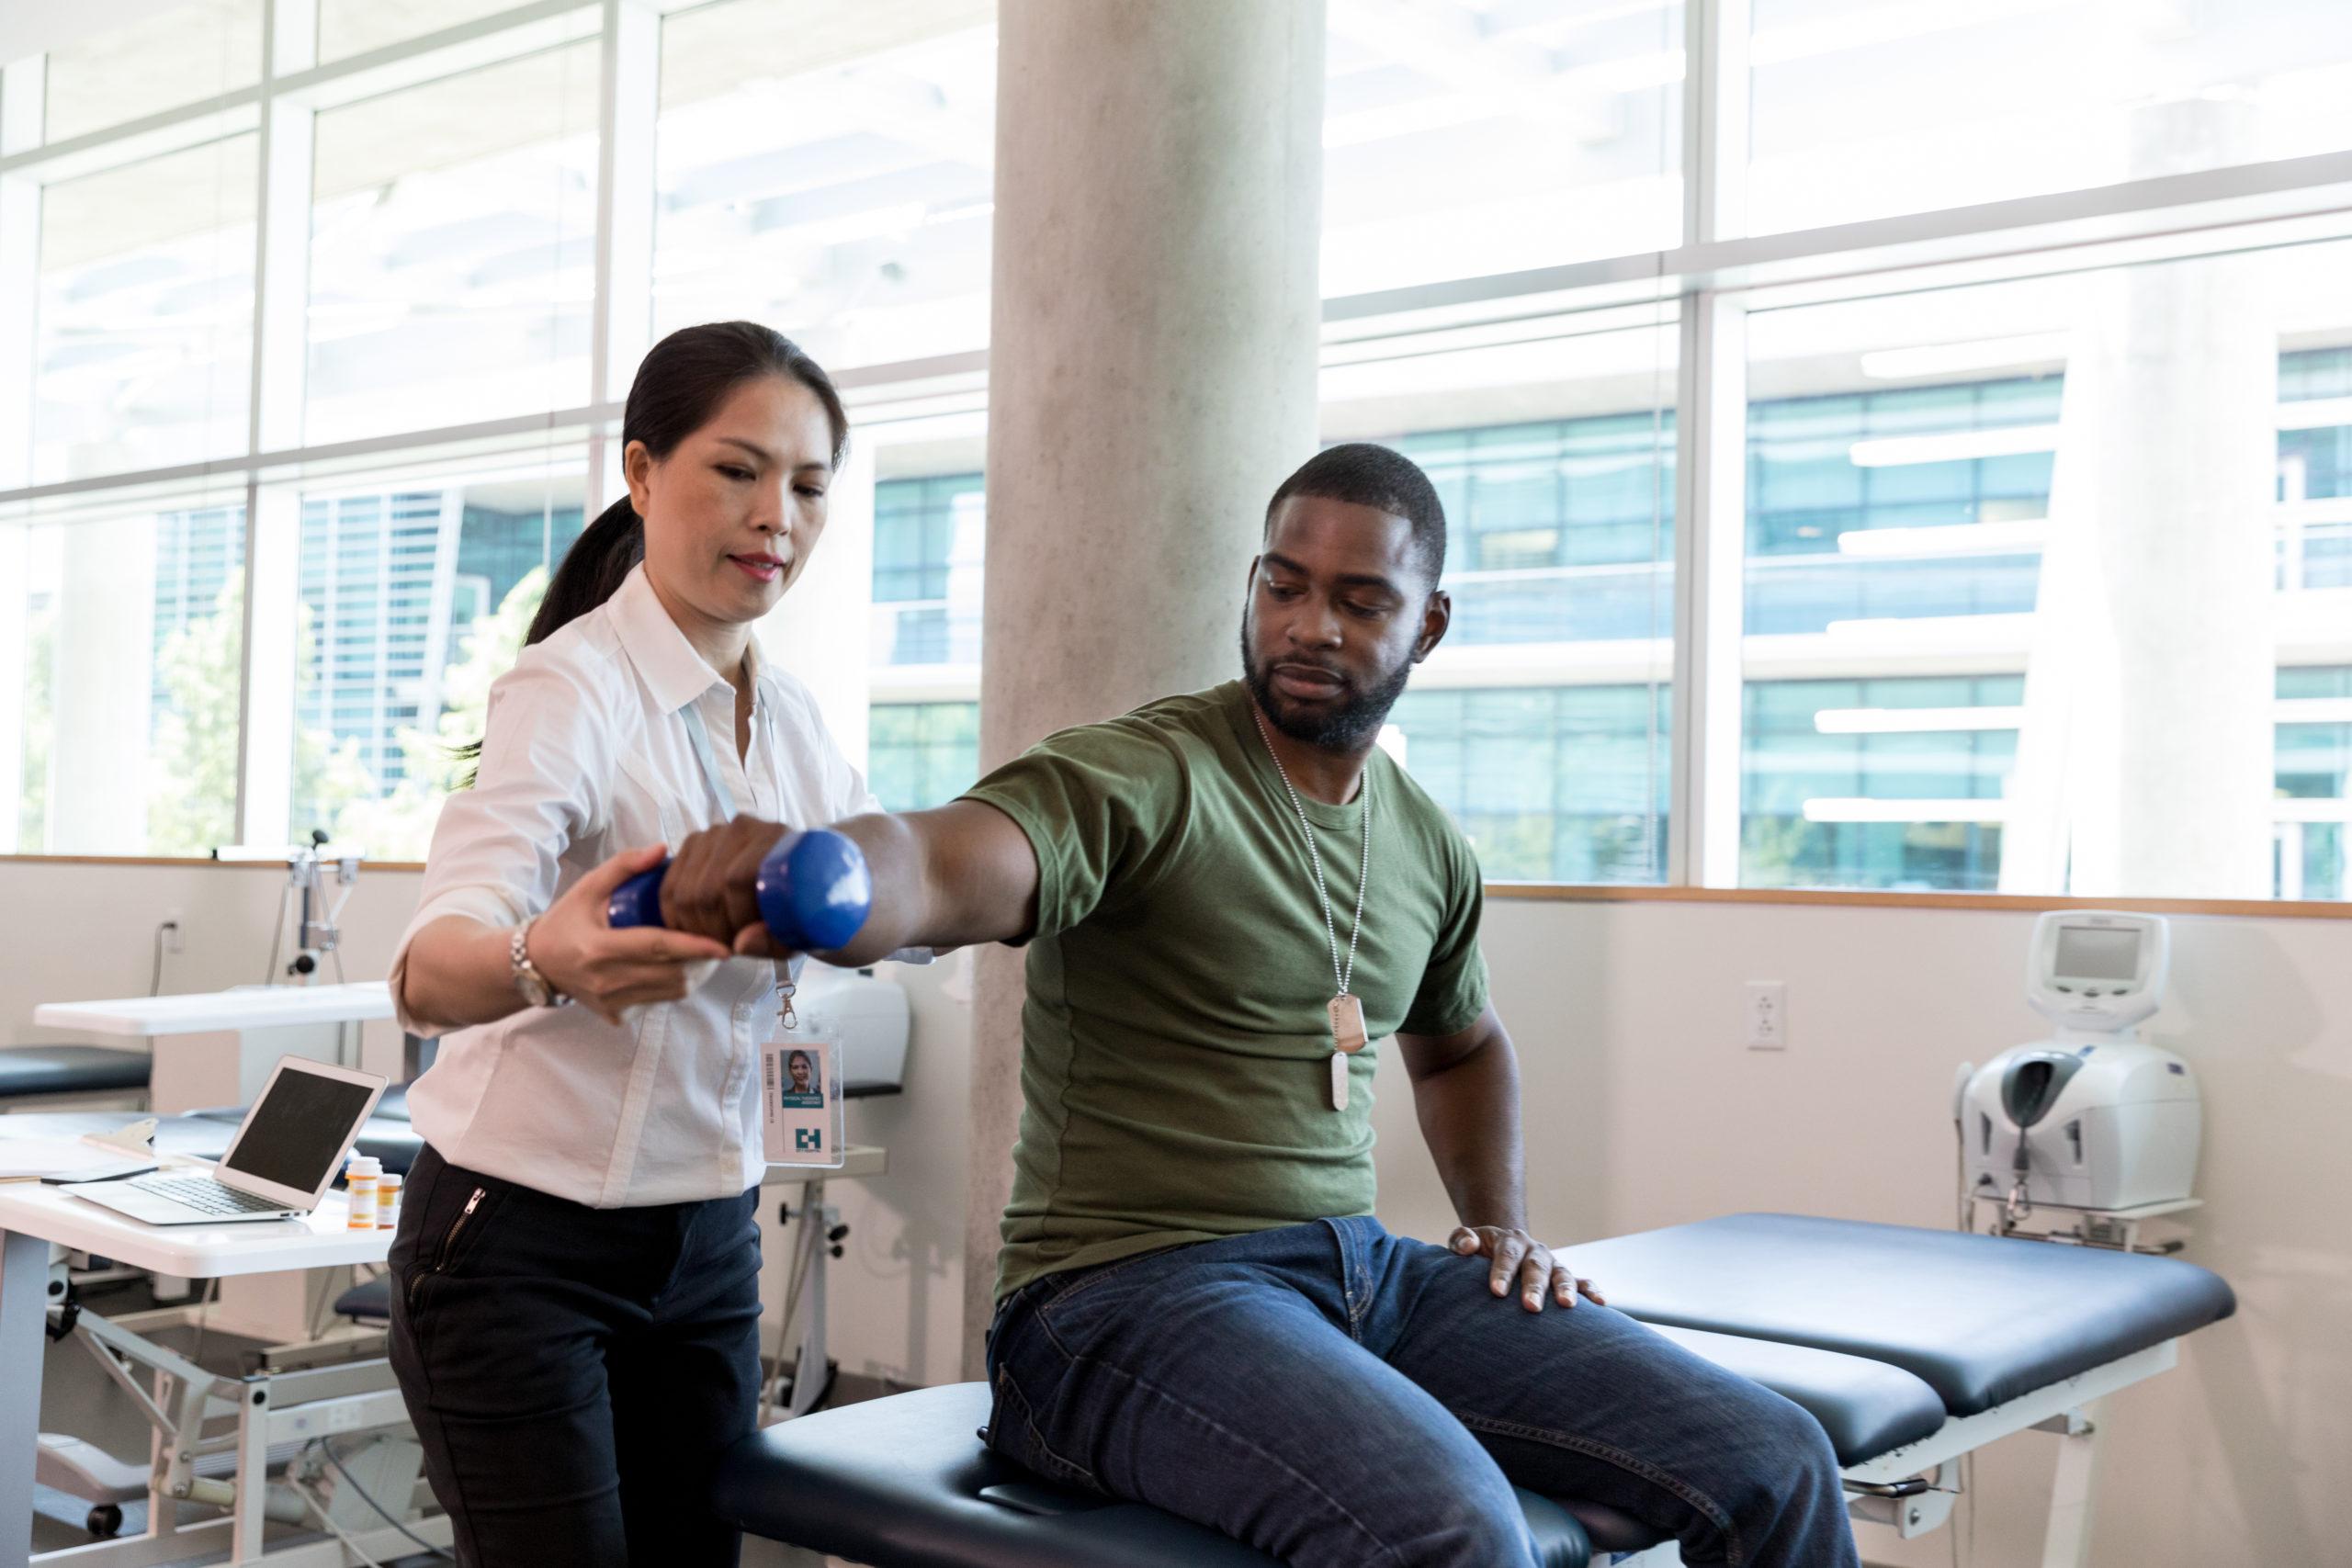 PT helps patient lift arm